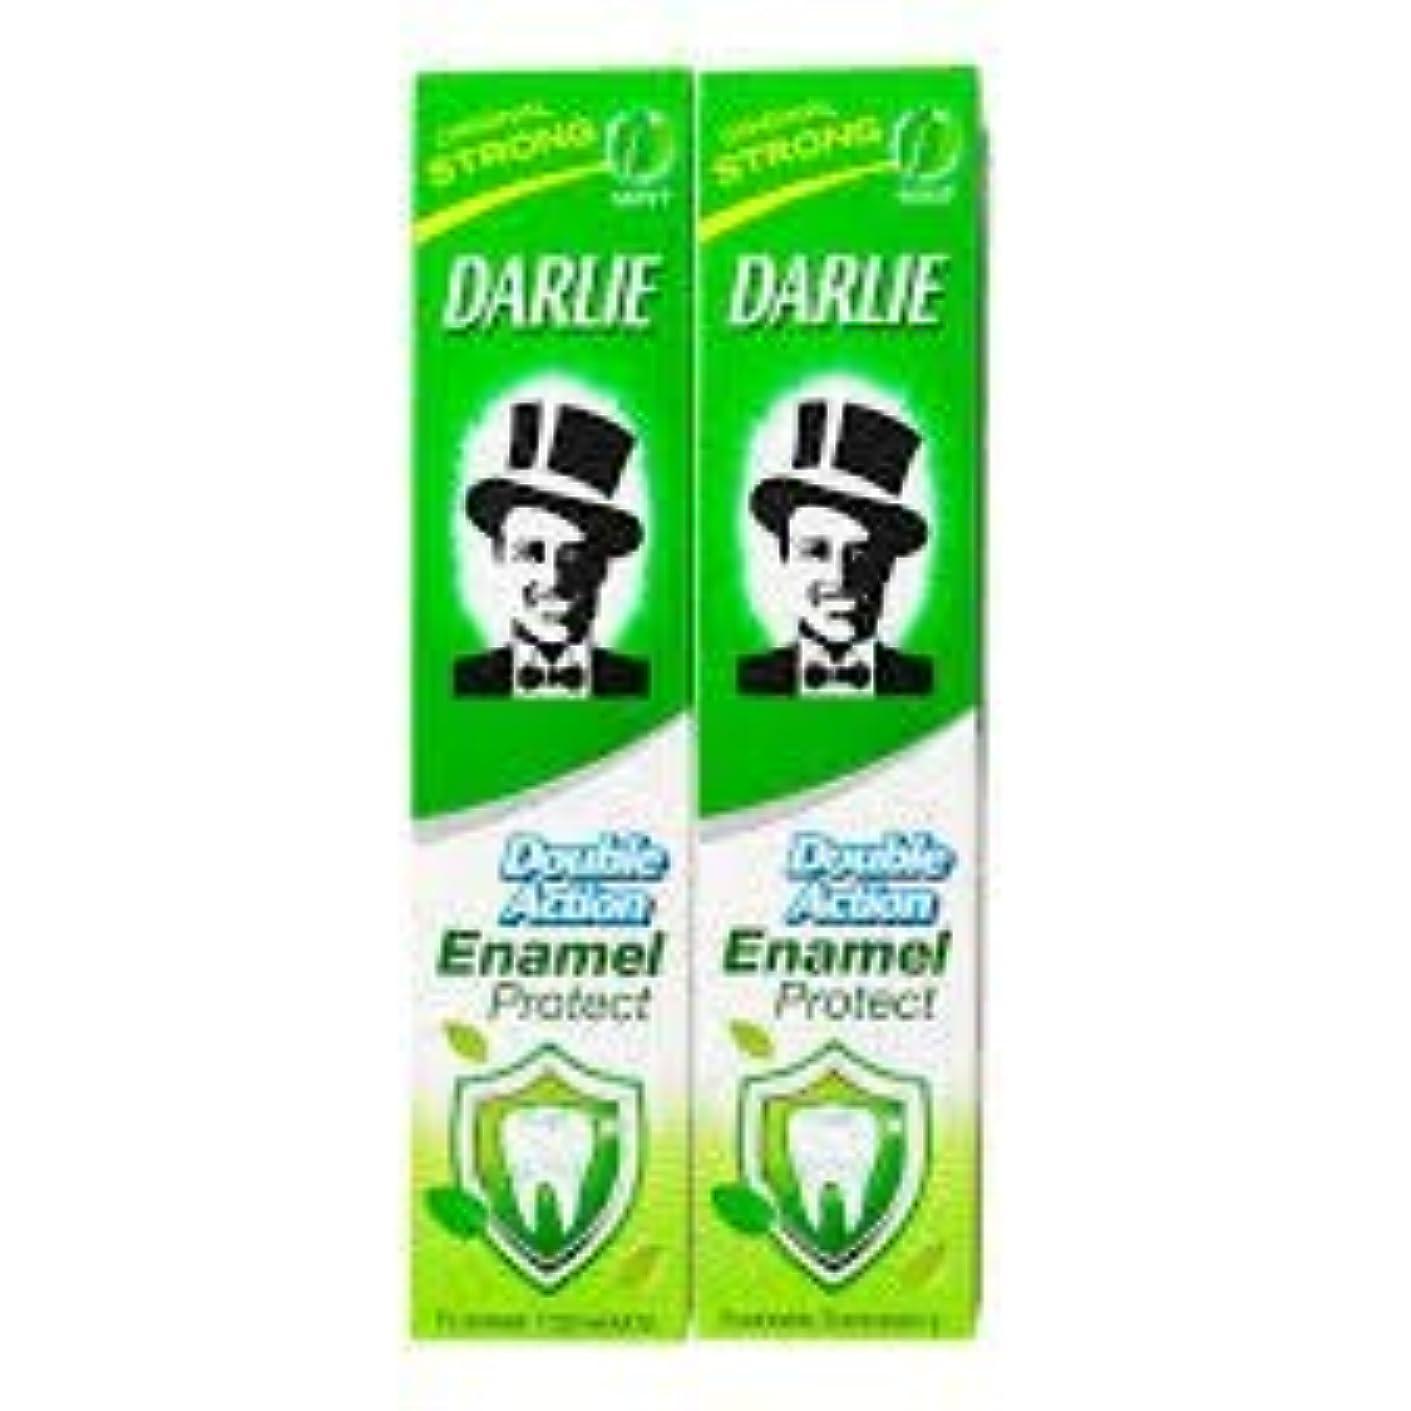 五十大陸露骨なDARLIE 歯磨き粉歯磨き粉二重の役割、保護エナメル強いミント2×220ケ - あなたの歯を強化し、防御の最前線